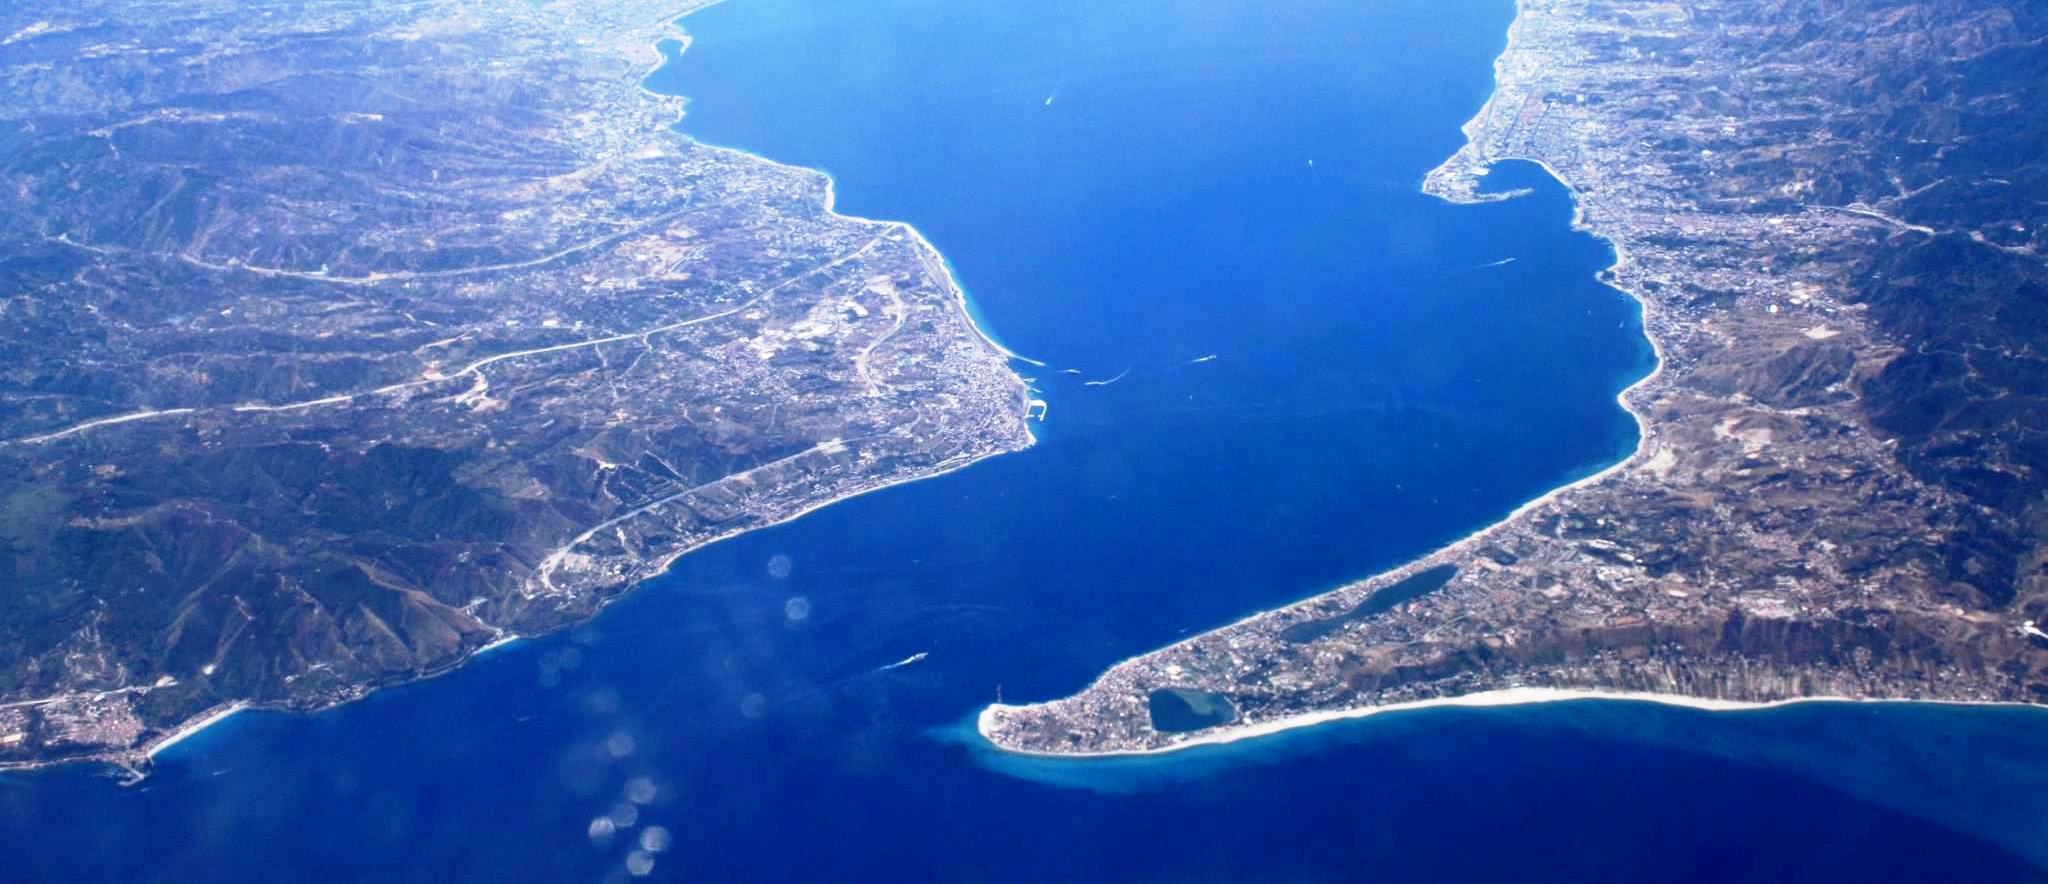 Il viaggio di Ulisse: il passaggio da Scilla e Cariddi